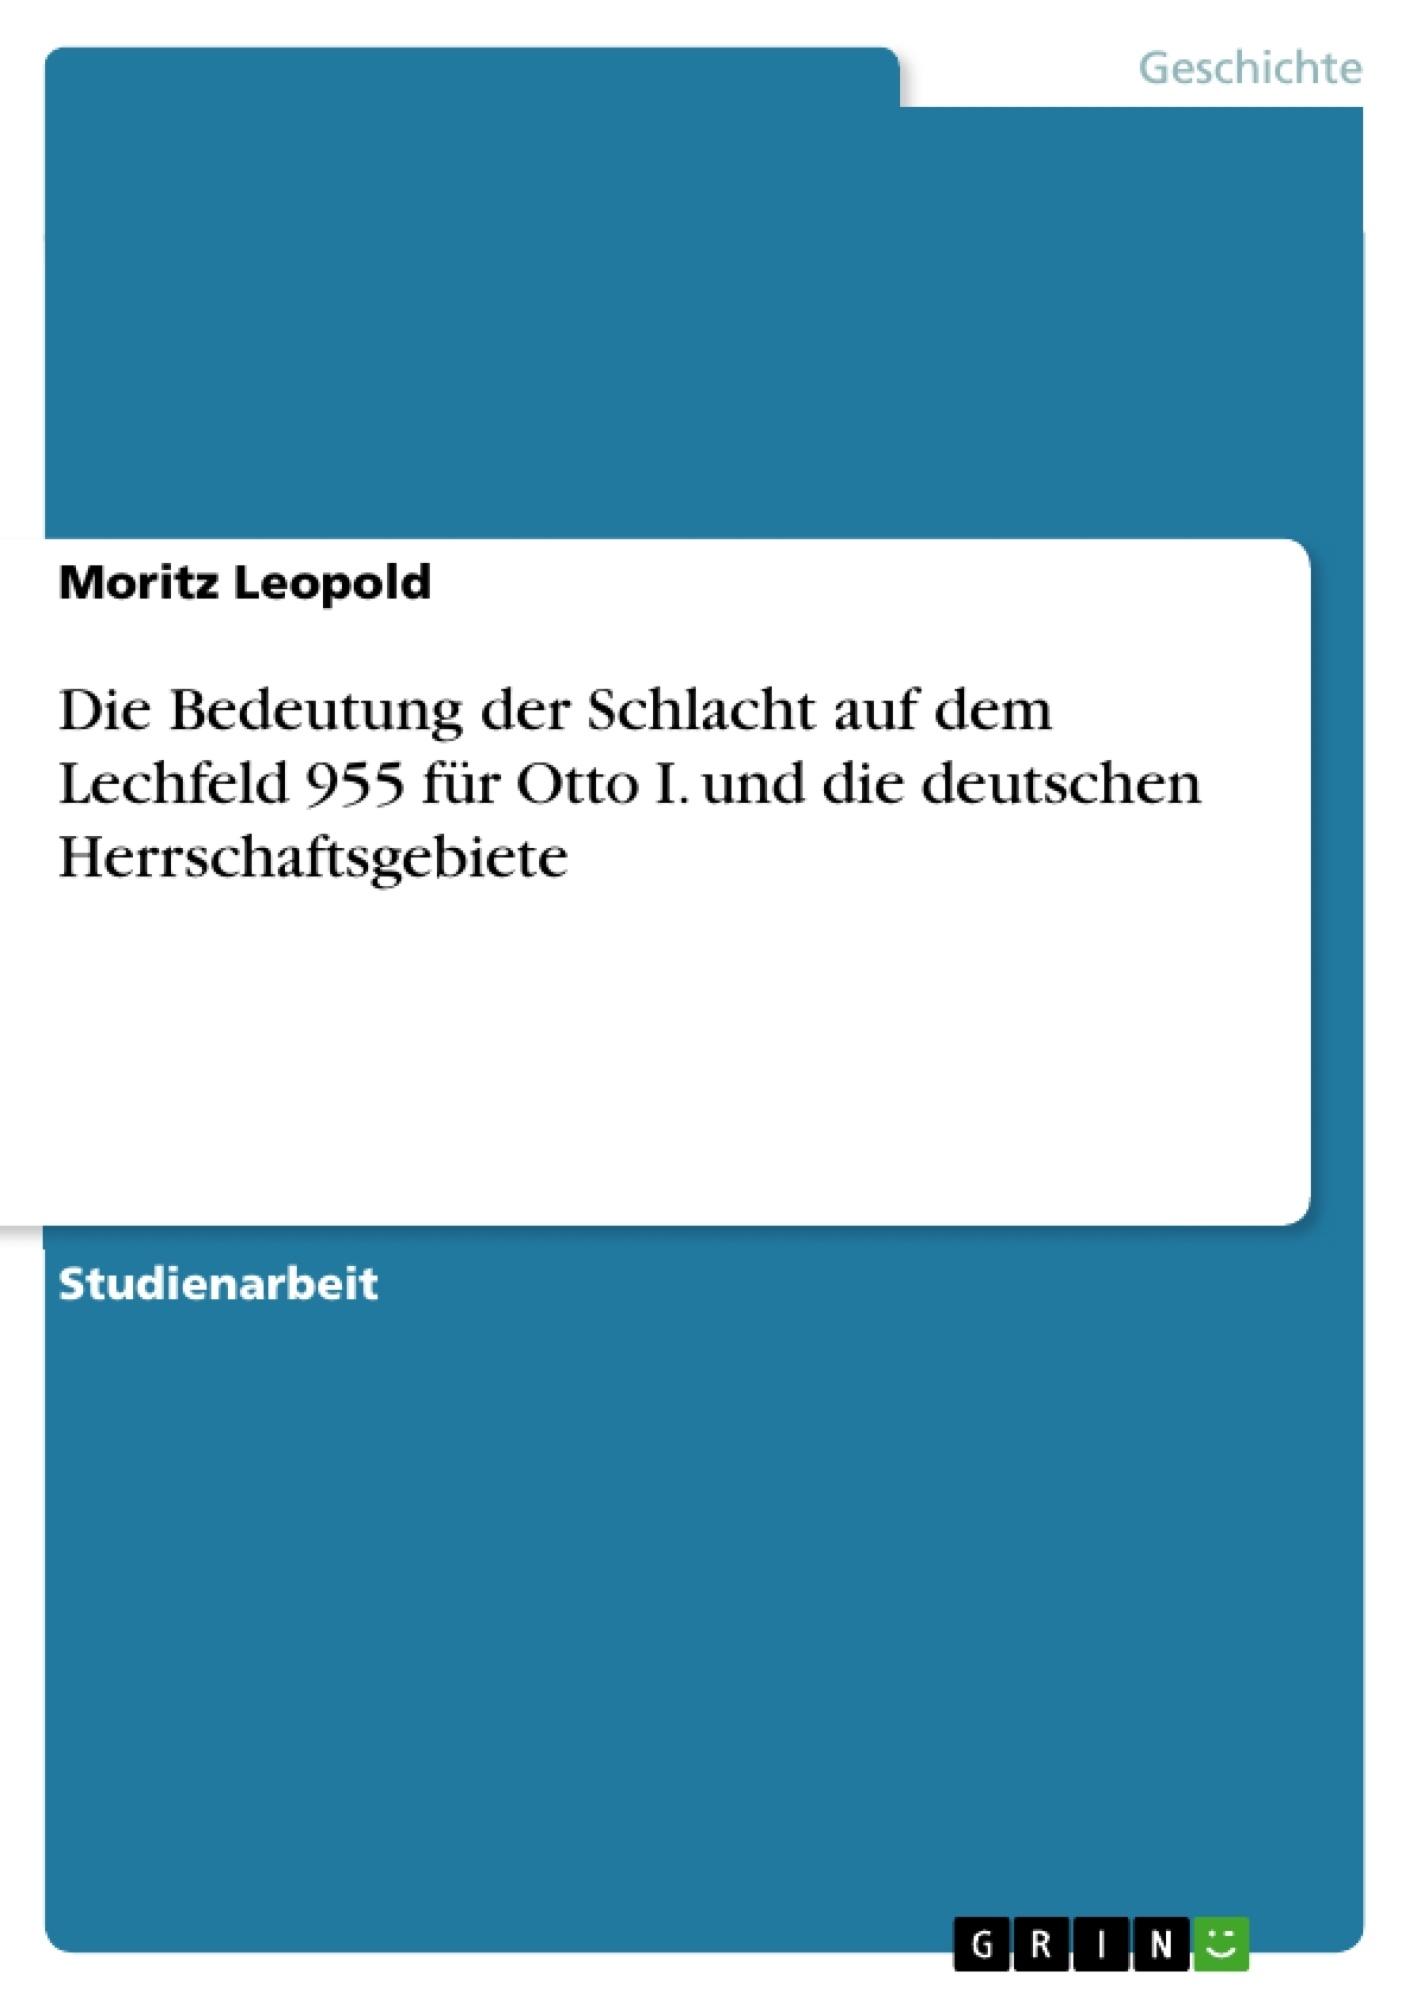 Titel: Die Bedeutung der Schlacht auf dem Lechfeld 955 für Otto I. und die deutschen Herrschaftsgebiete